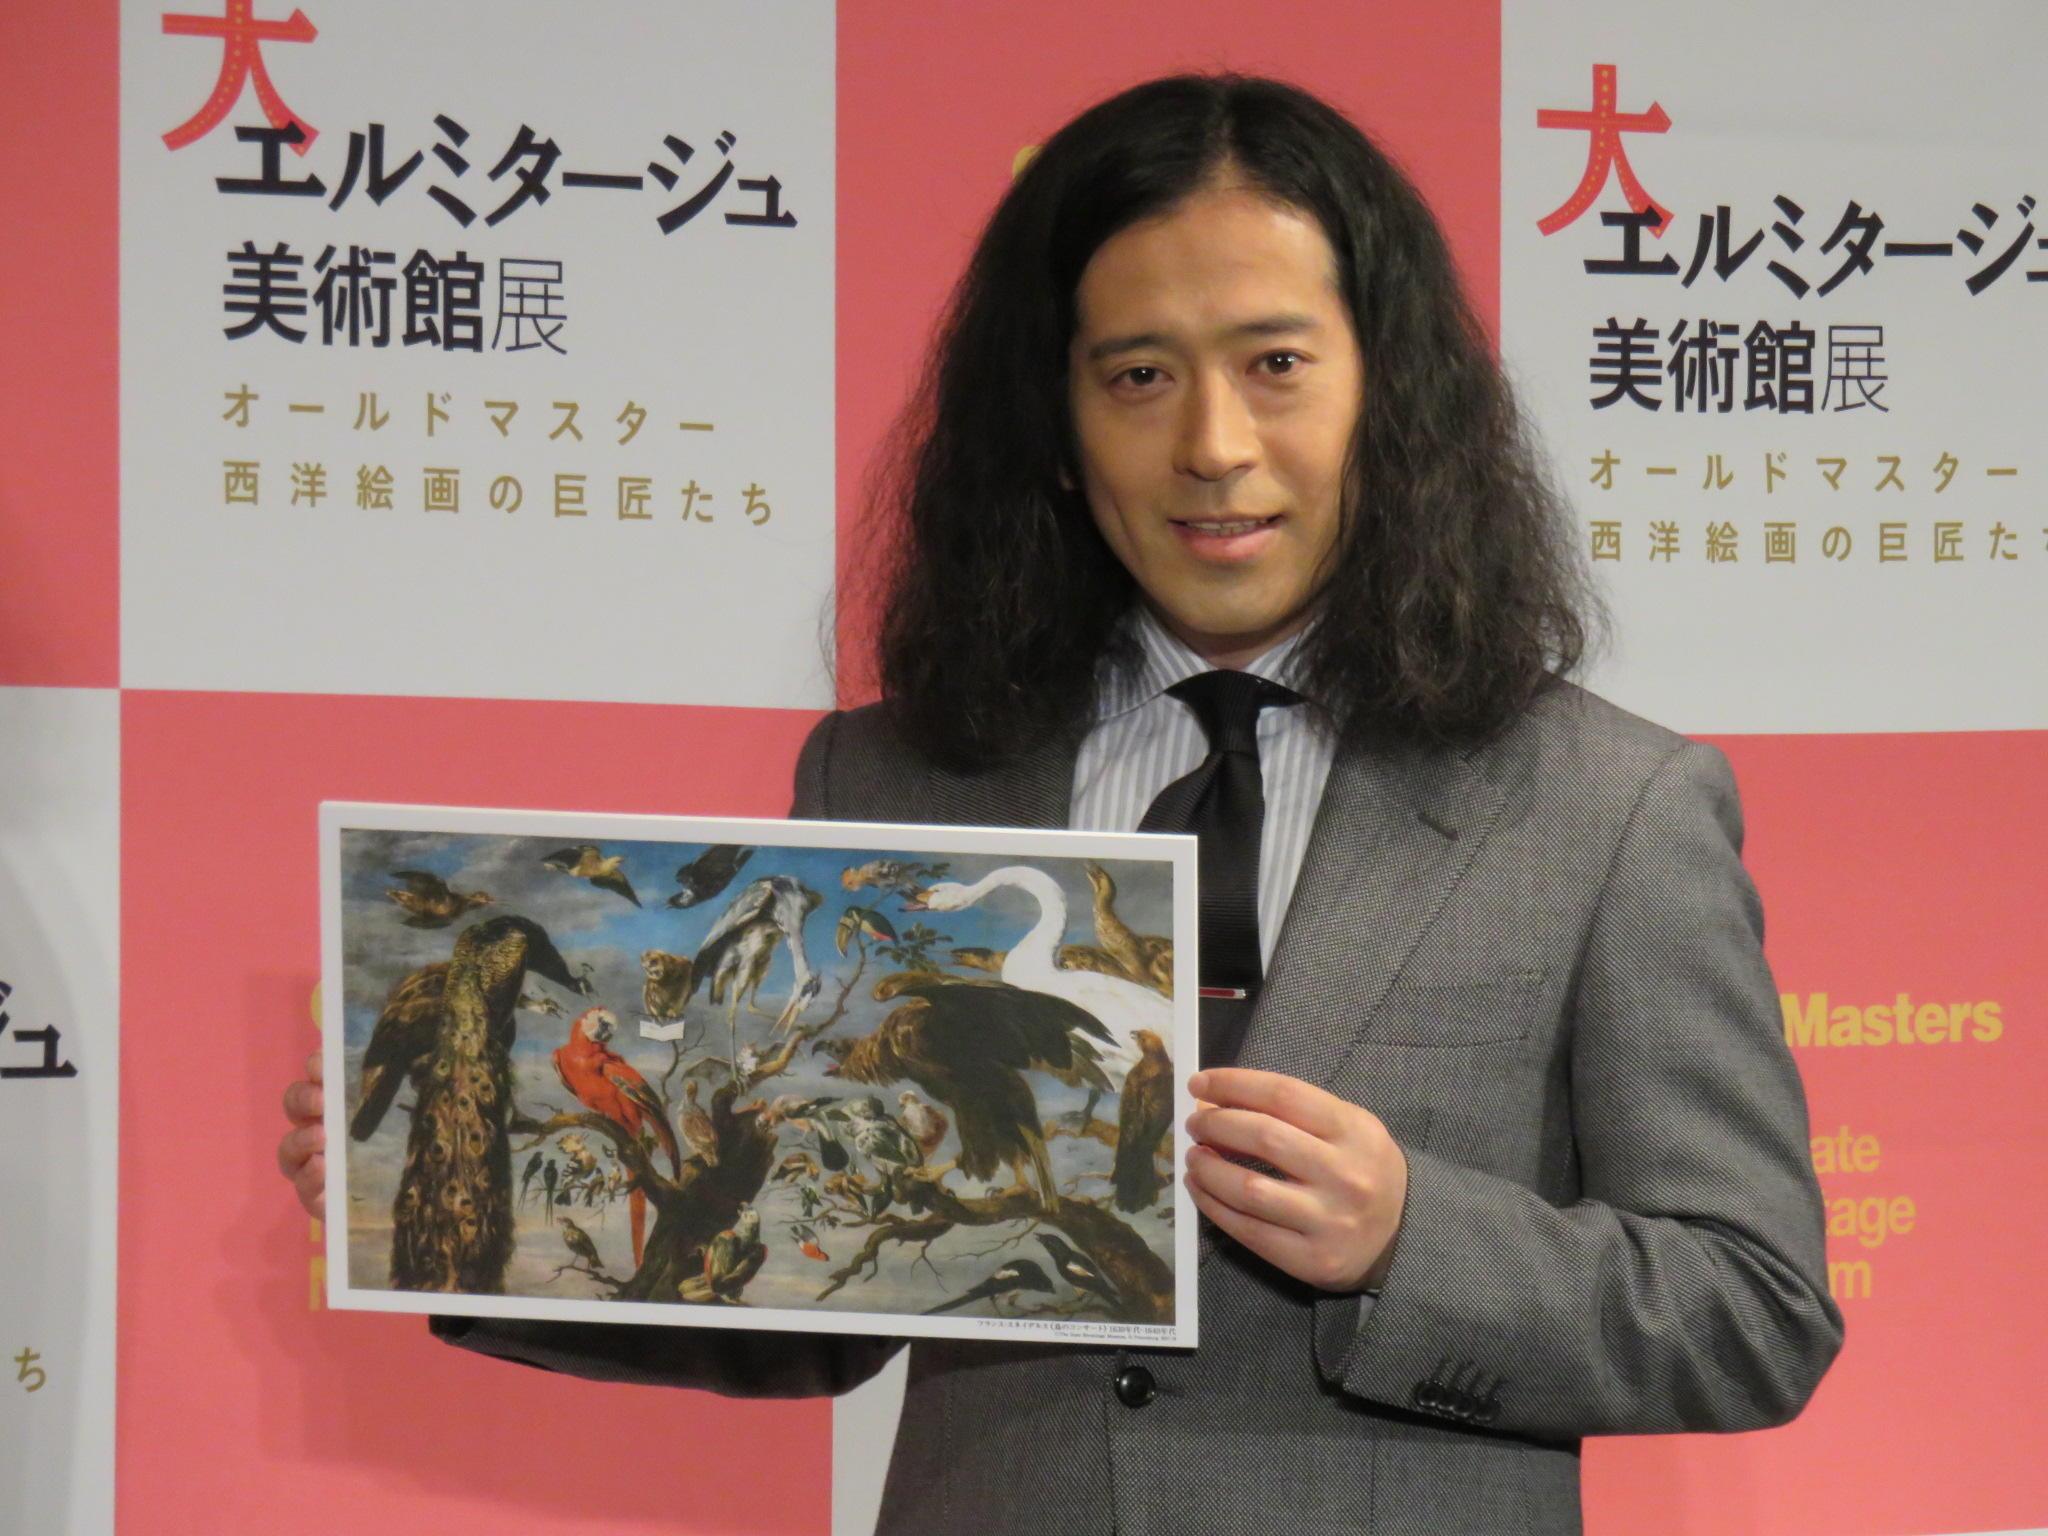 http://news.yoshimoto.co.jp/20170317220233-8d912c3e45f94c85b716e77566bd7152e55c4a35.jpg